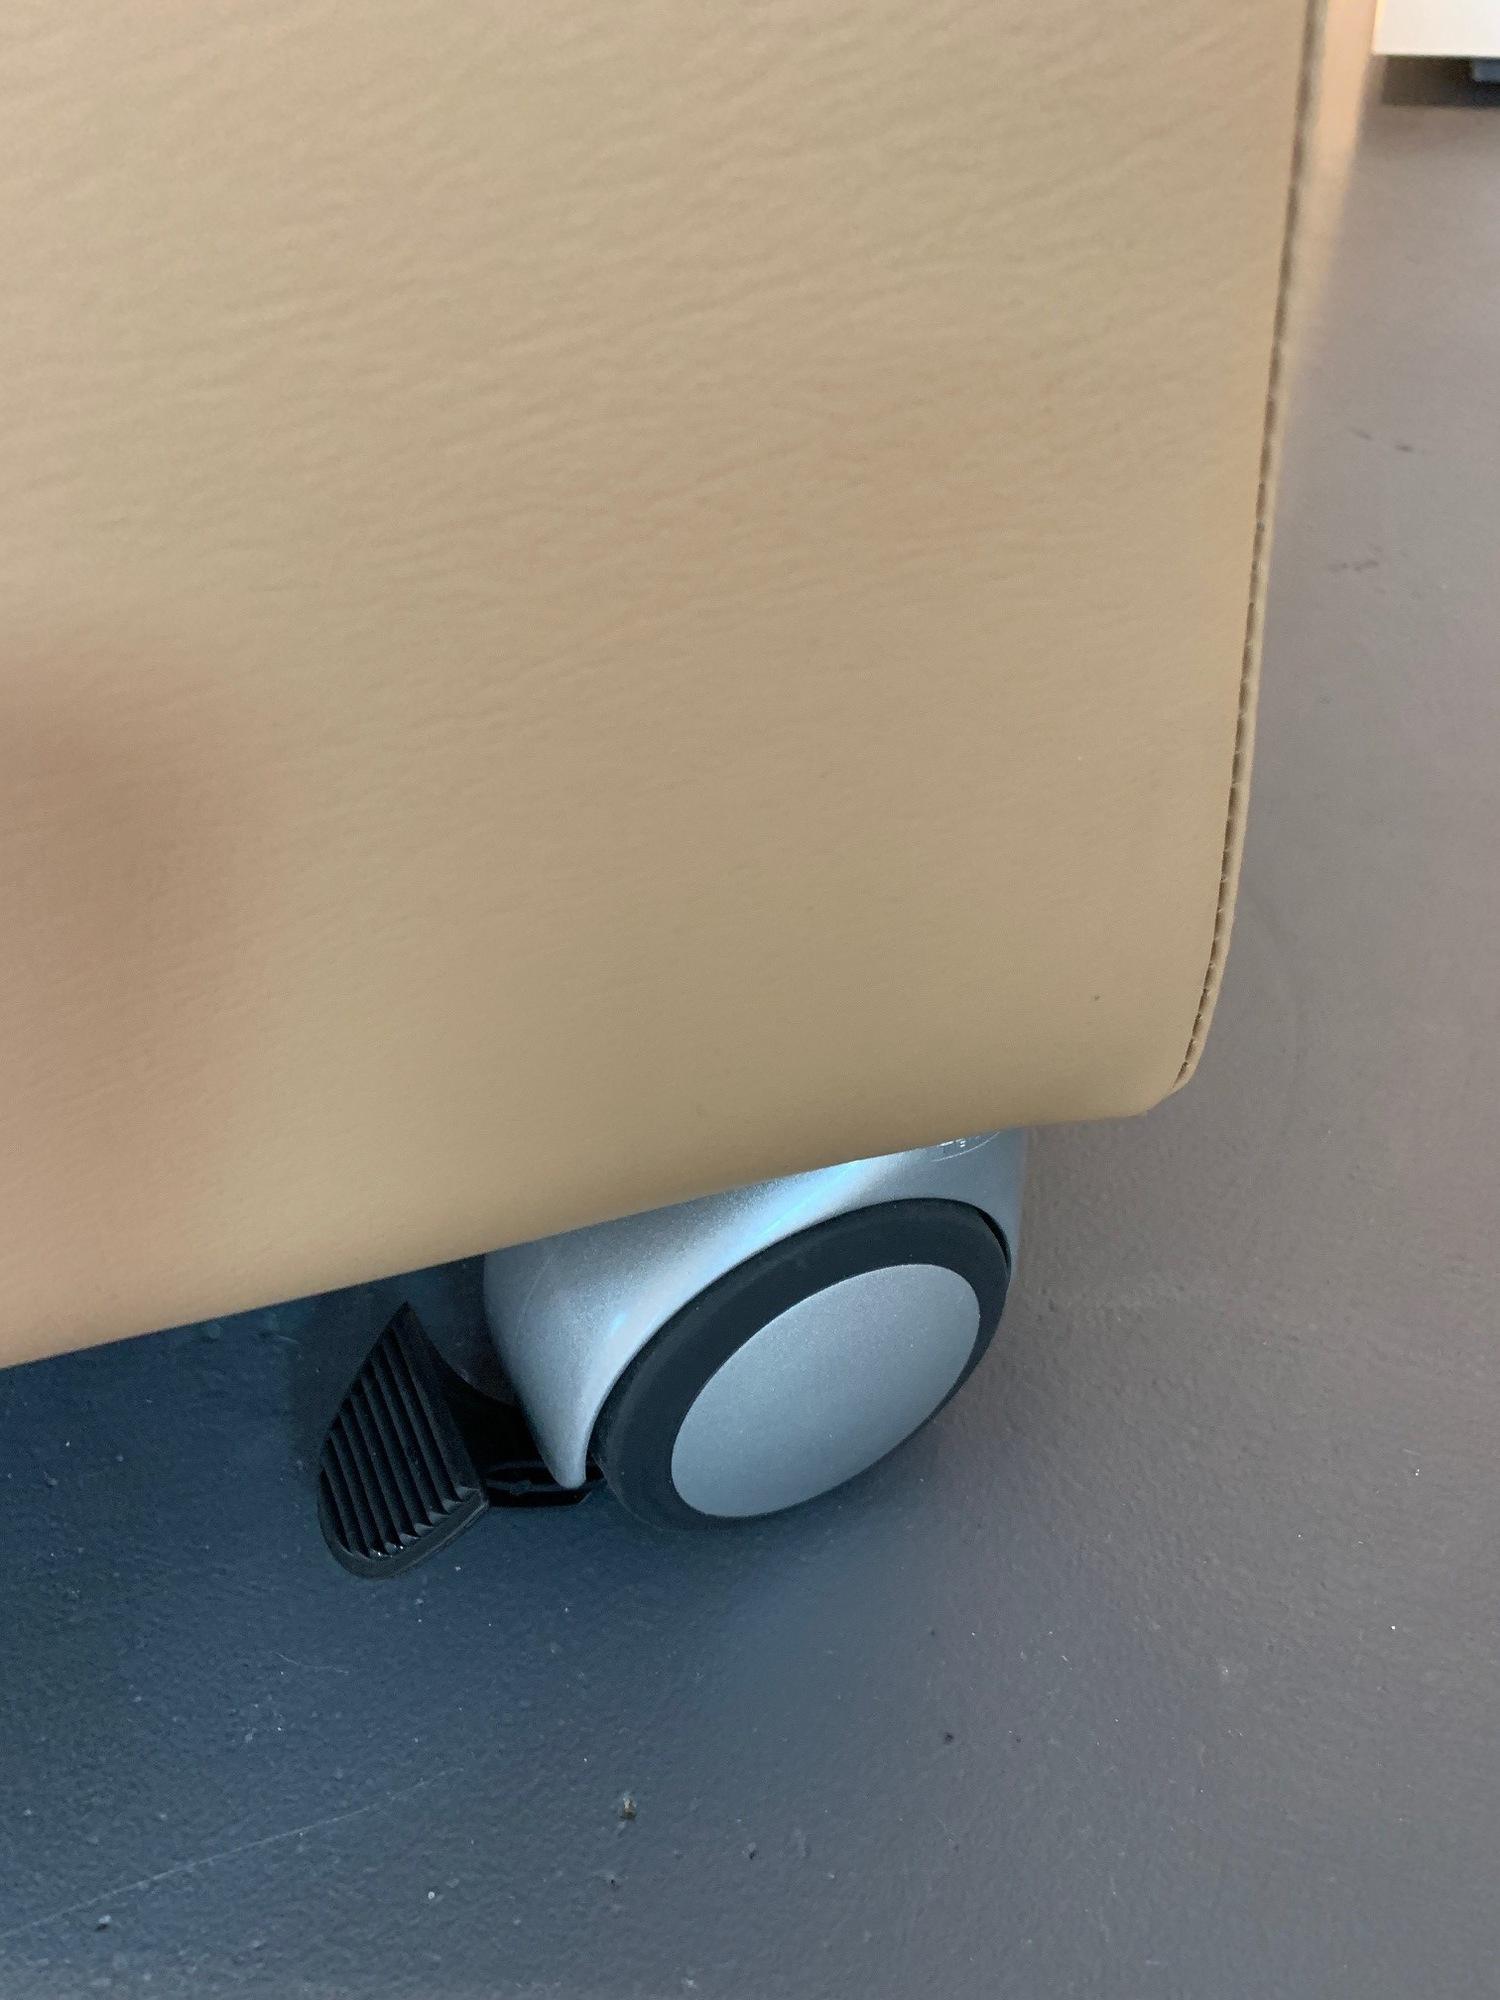 1549980659-care-produkte-pflegesessel-premium-mit-aufstehhilfe_3.jpg